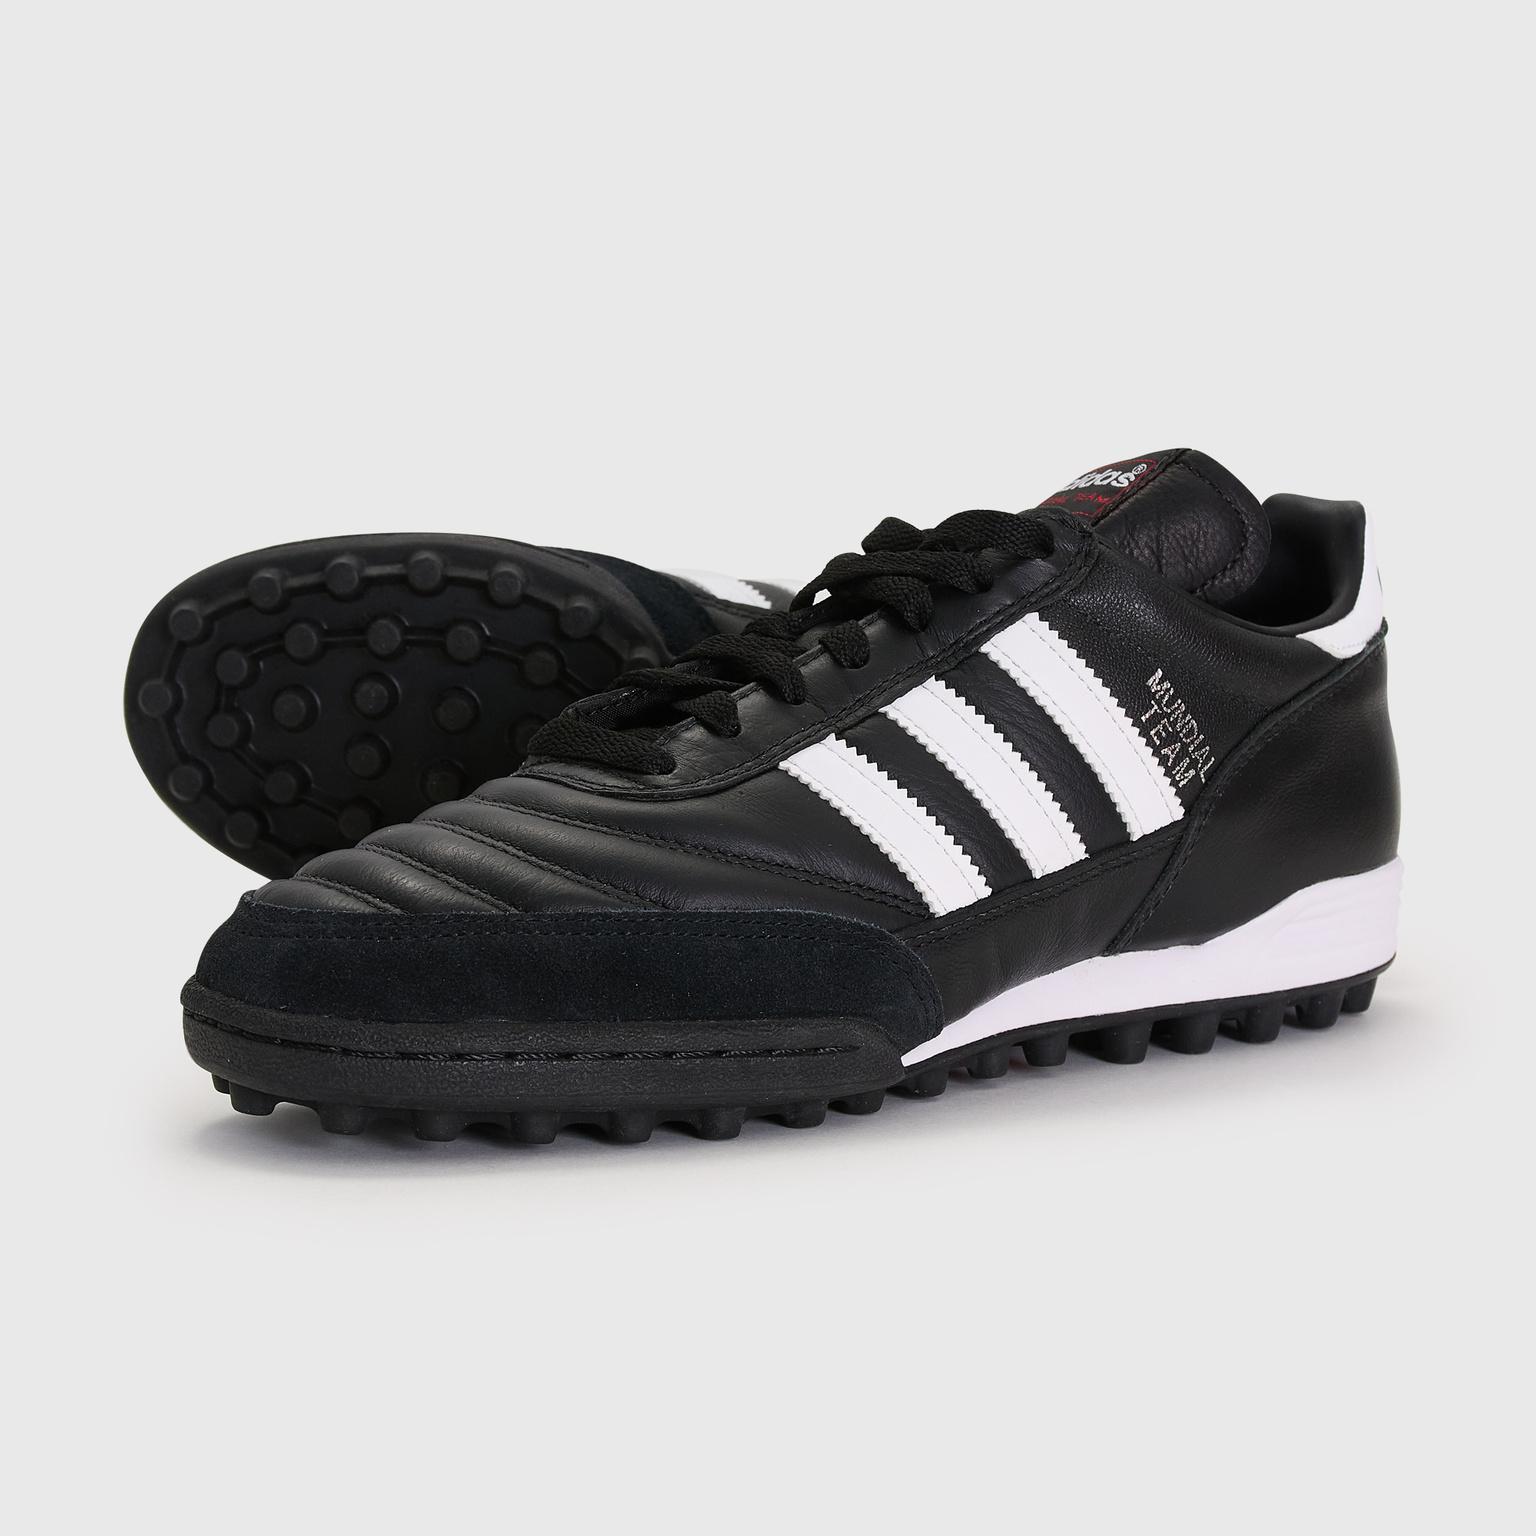 Главная · Бутсы · Шиповки · Adidas  Шиповки Adidas Mundial Team 19228. О  ТОВАРЕ  РАСЧЕТ ДОСТАВКИ a1c9aabd935f9